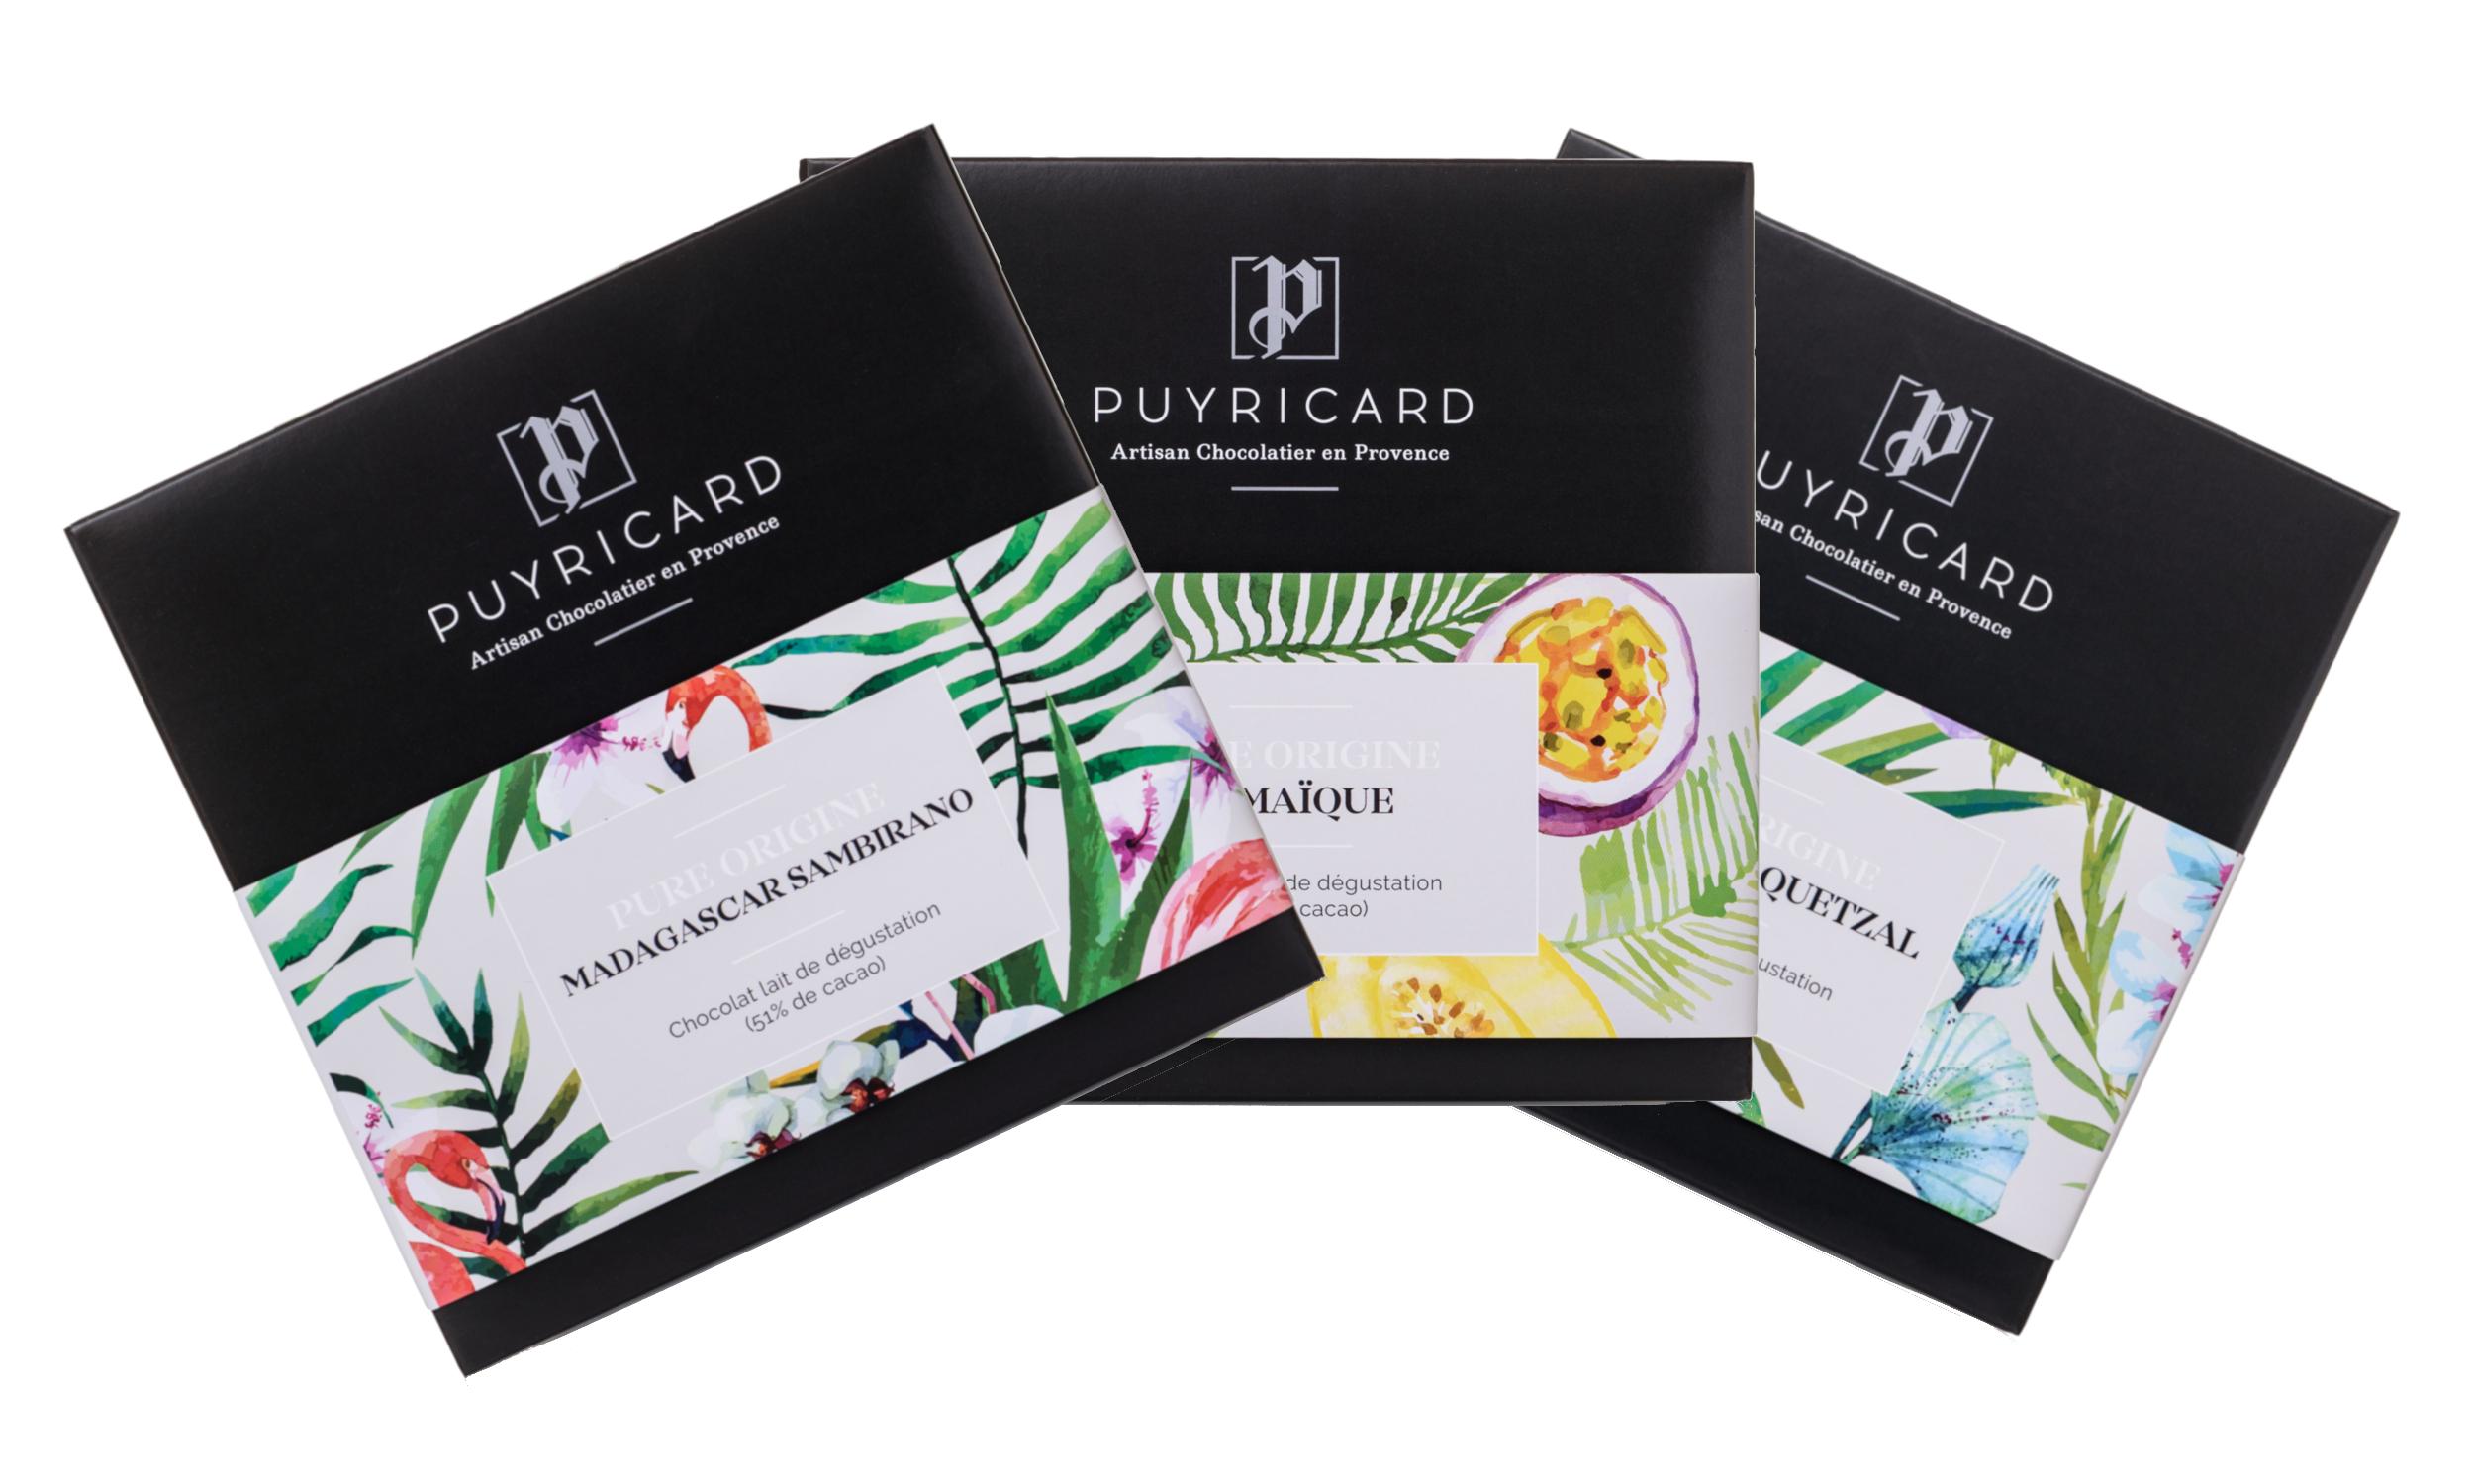 Les tablettes de chocolat Pure Origine Puyricard